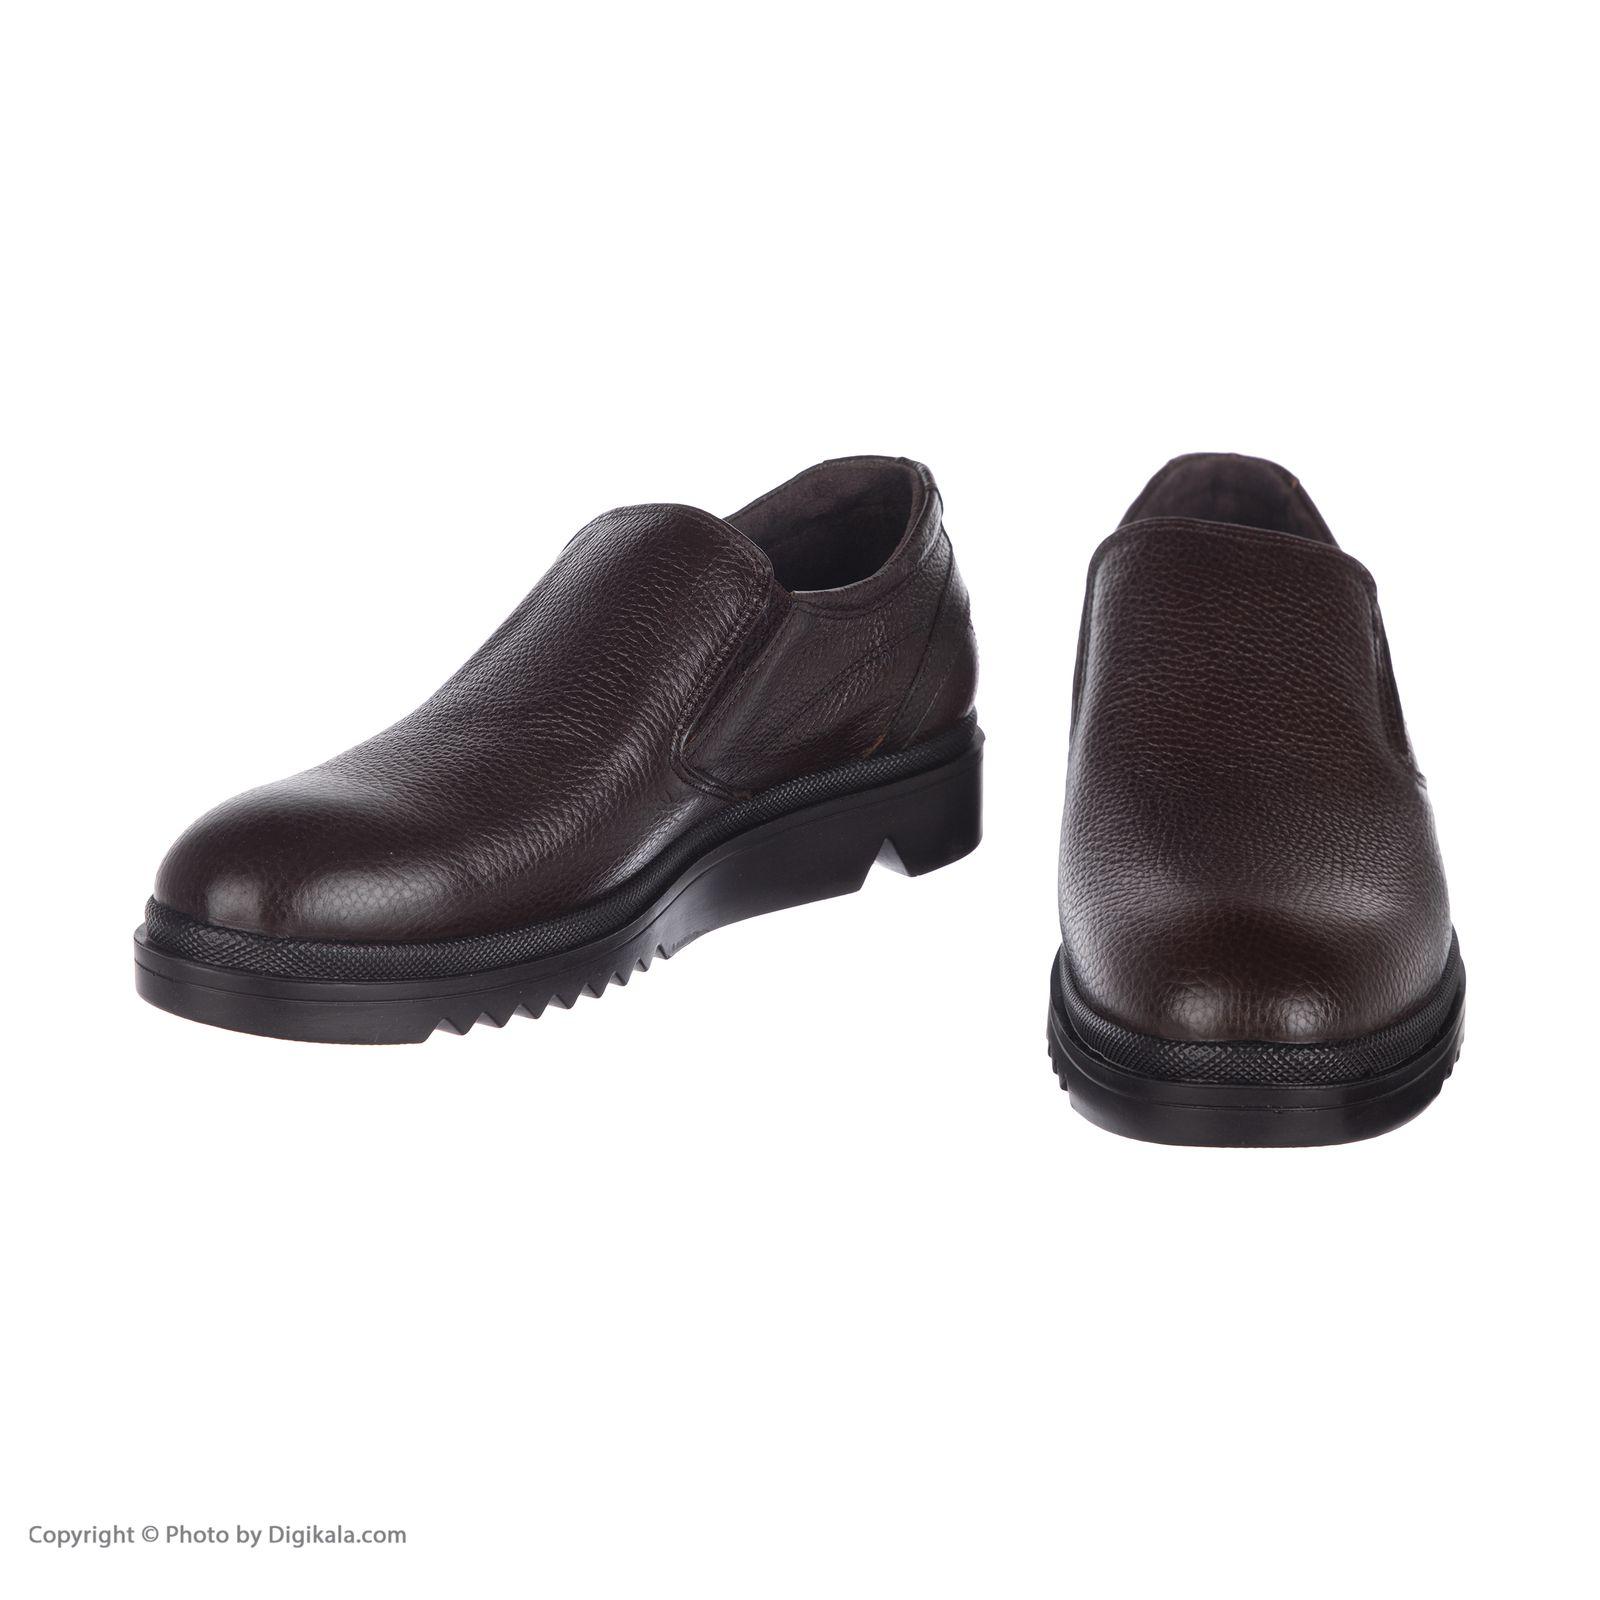 کفش روزمره مردانه دانادل مدل 8606A503101 -  - 5